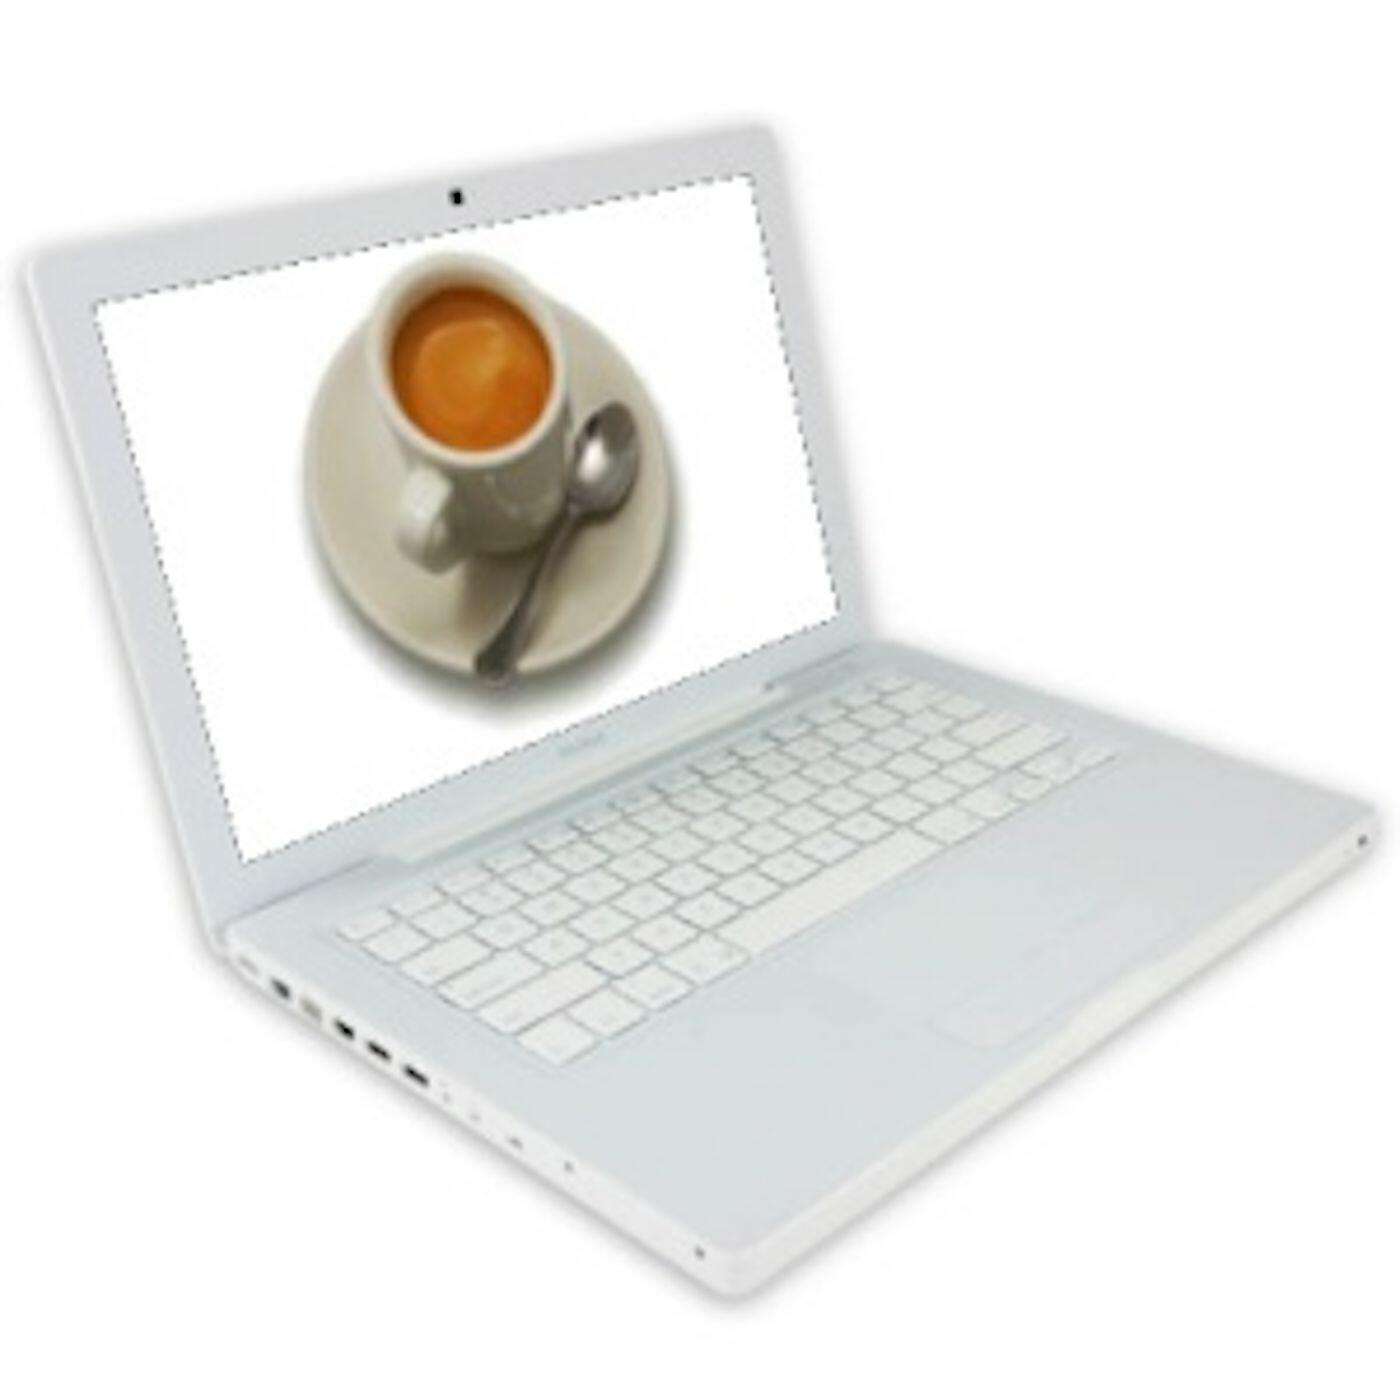 Caffe 2.0